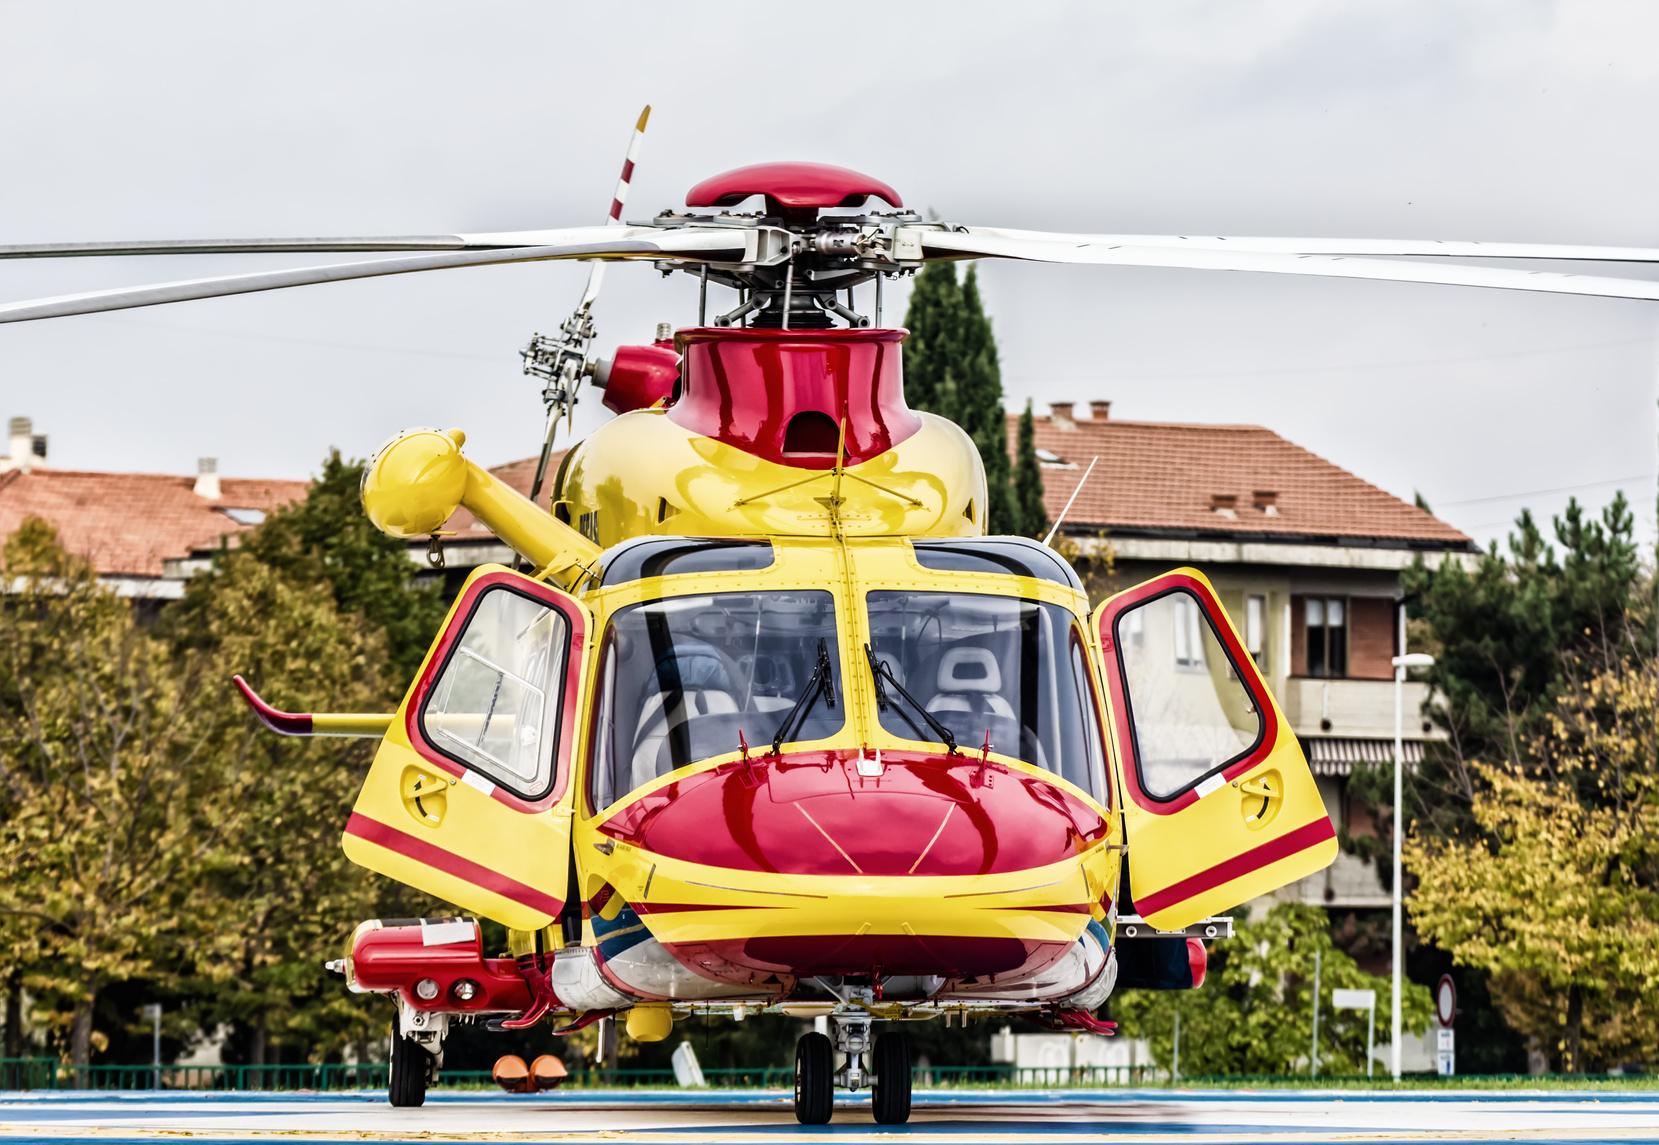 SANITARNAYA AVIATSIYA - Санитарная авиация